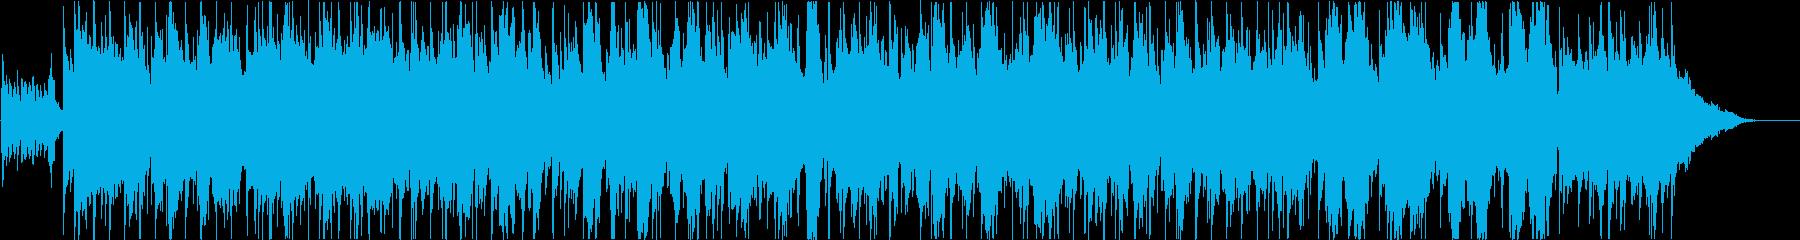 【生演奏】ゆったり優しいバイオリン曲の再生済みの波形